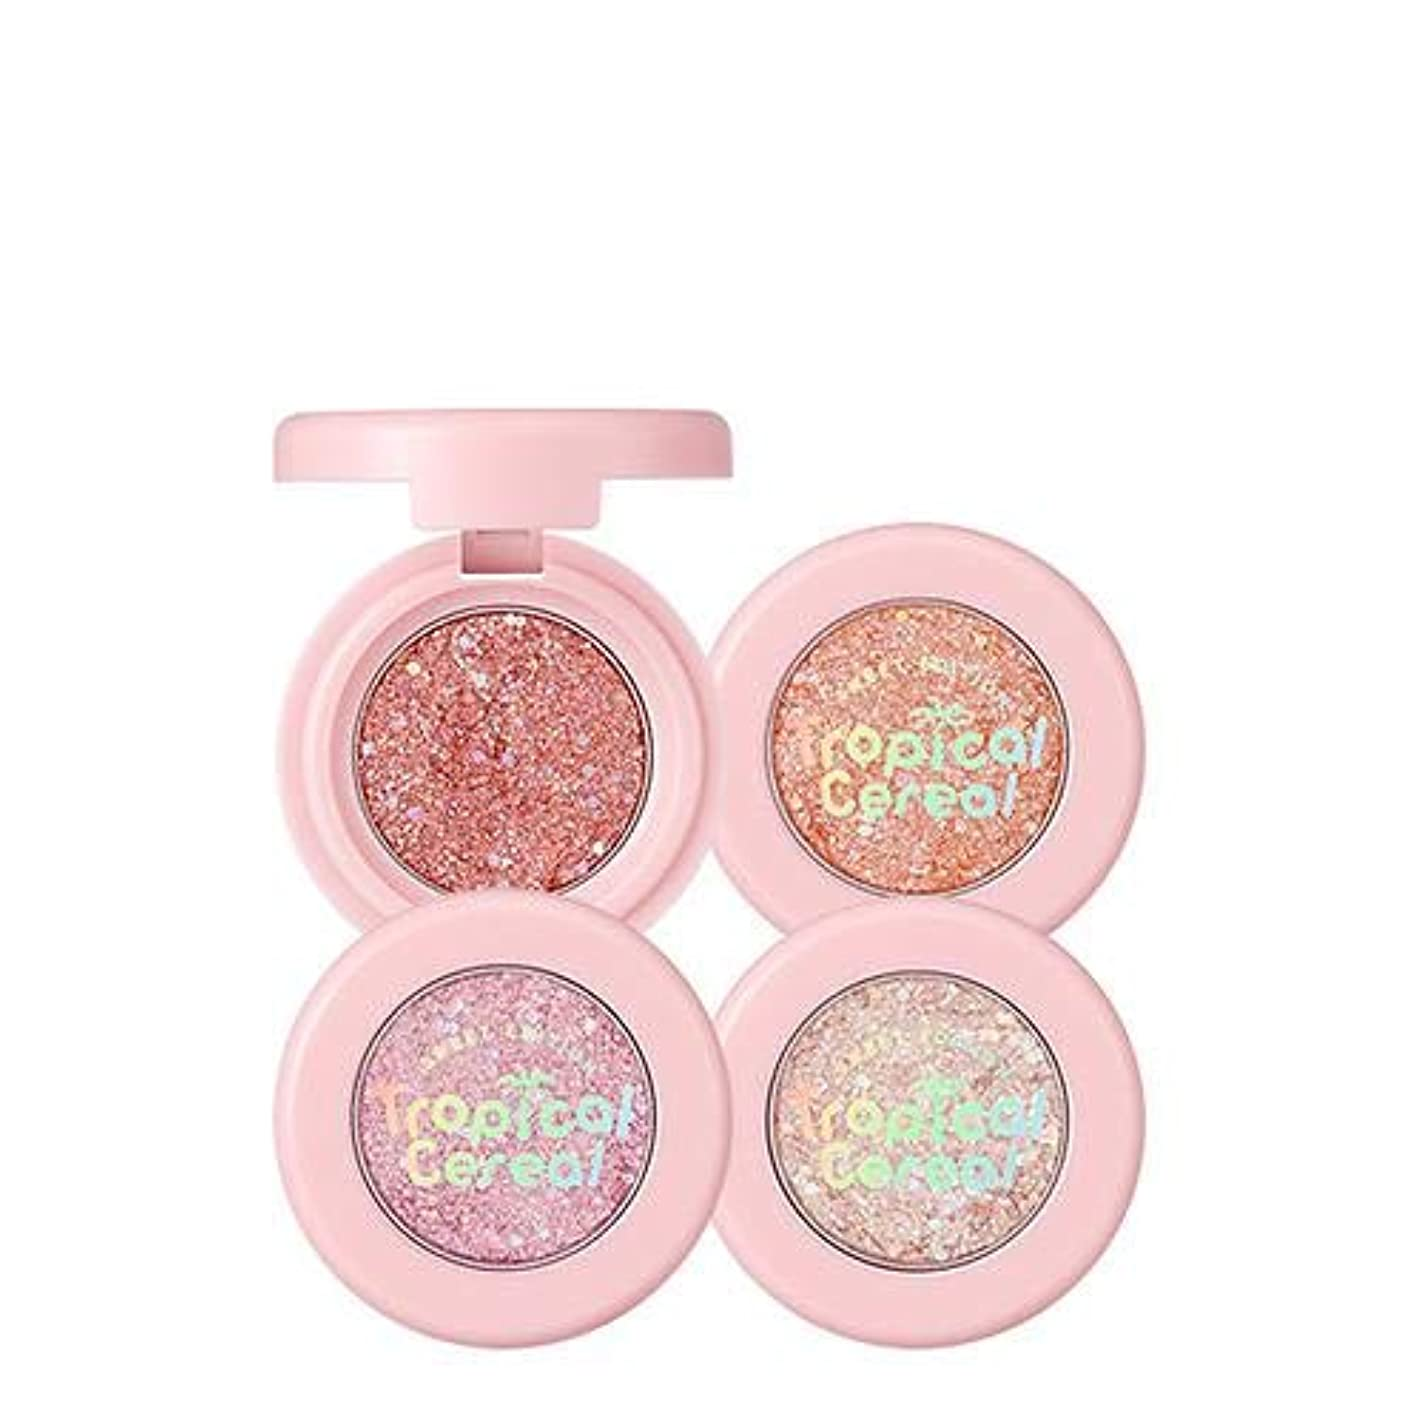 ベギンブート証明書トニーモリー トロピカル シリアル グリッター フレーク 1.3g / TONYMOLY [Tropical Cereal Edition] Glitter Flake #2. Pink Cranberry [並行輸入品]